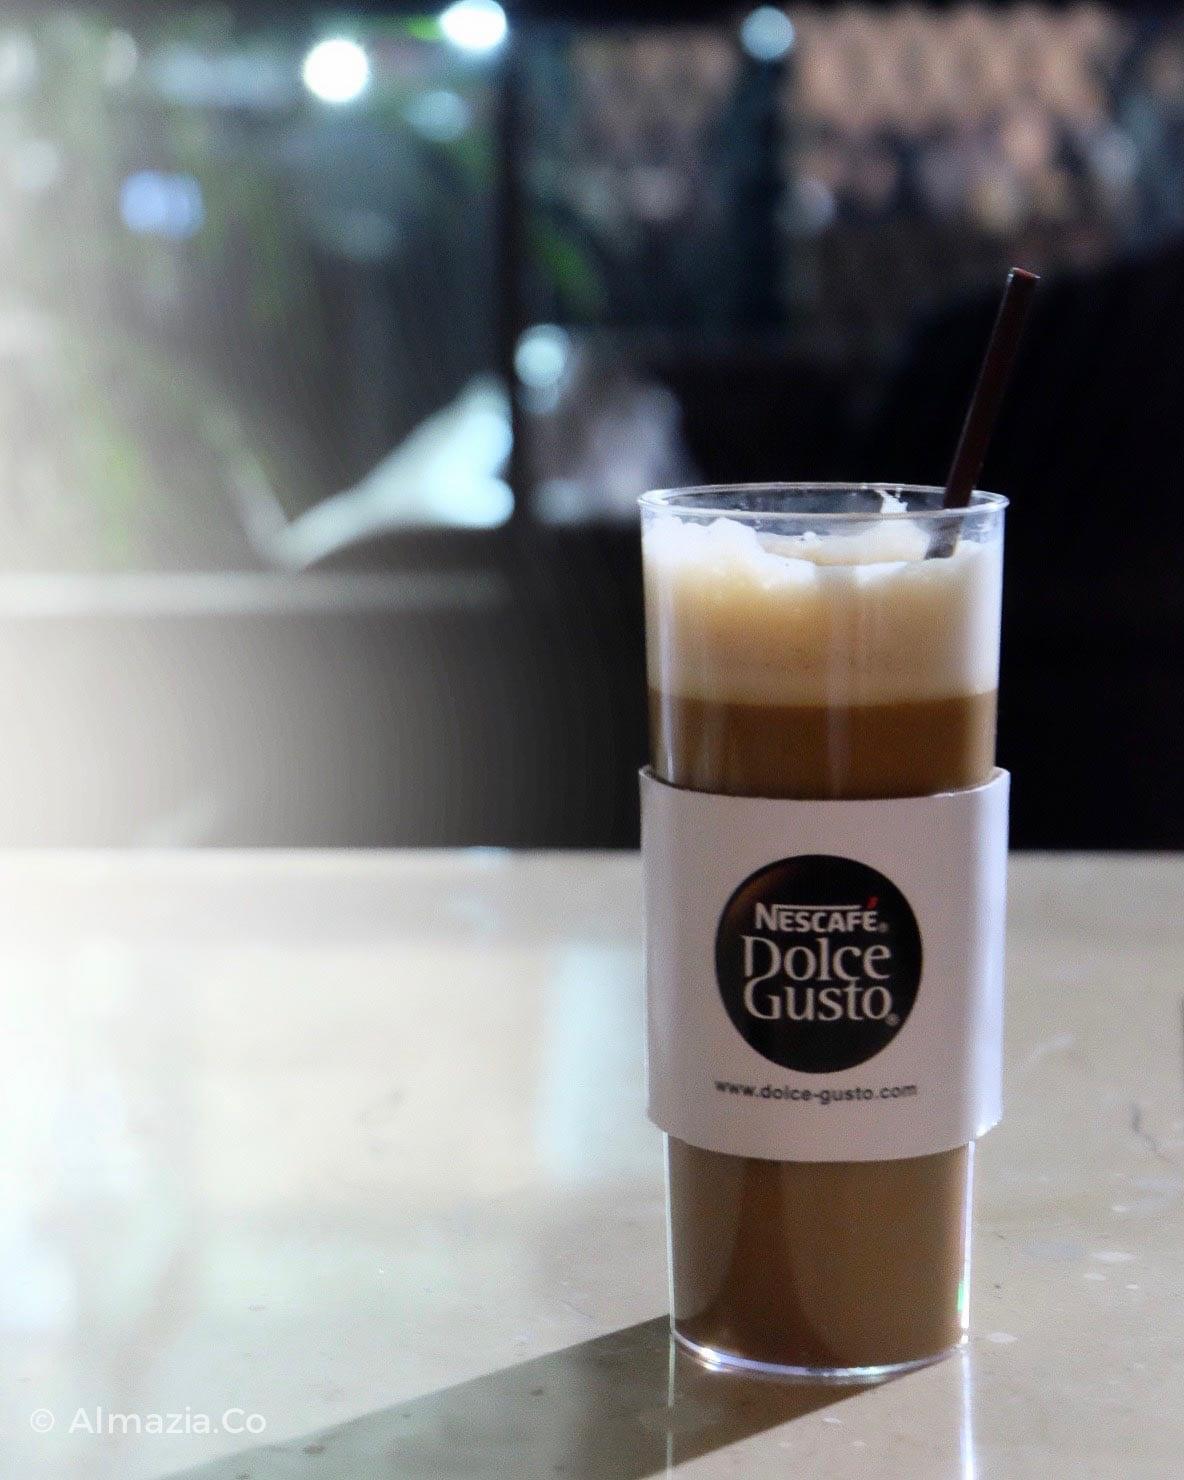 Cappuccino Nescafe Dolce Gusto Piccolo Manual